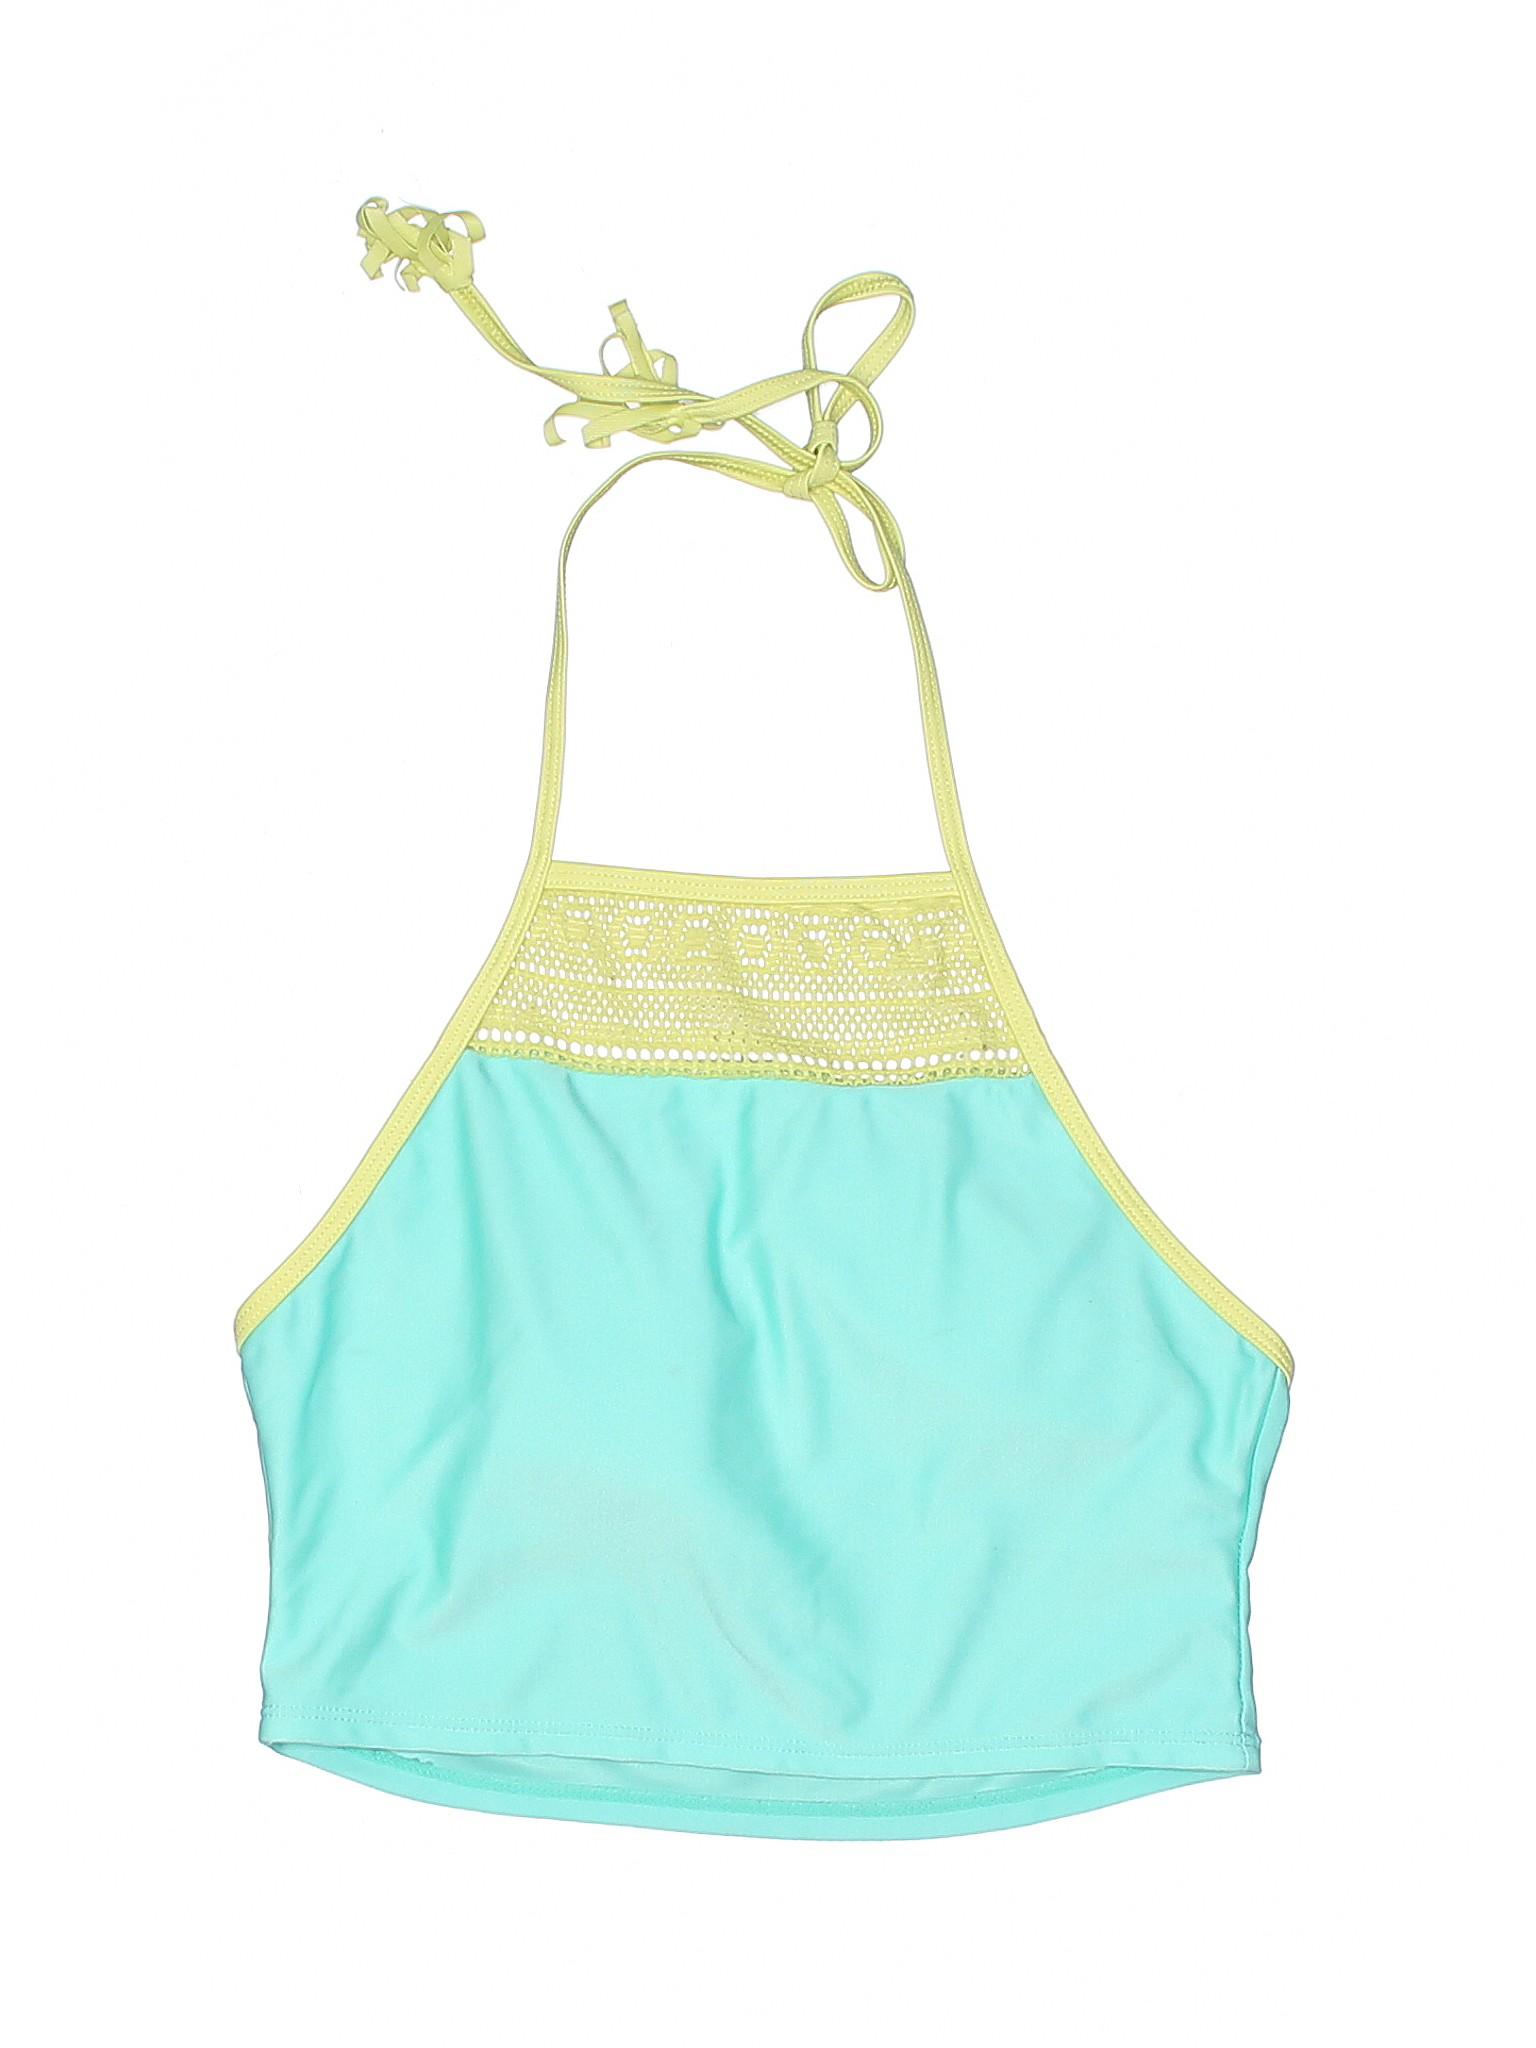 Swimsuit Swimsuit Brooks Boutique Bobbie Bobbie Boutique Brooks Top acqXYW5a